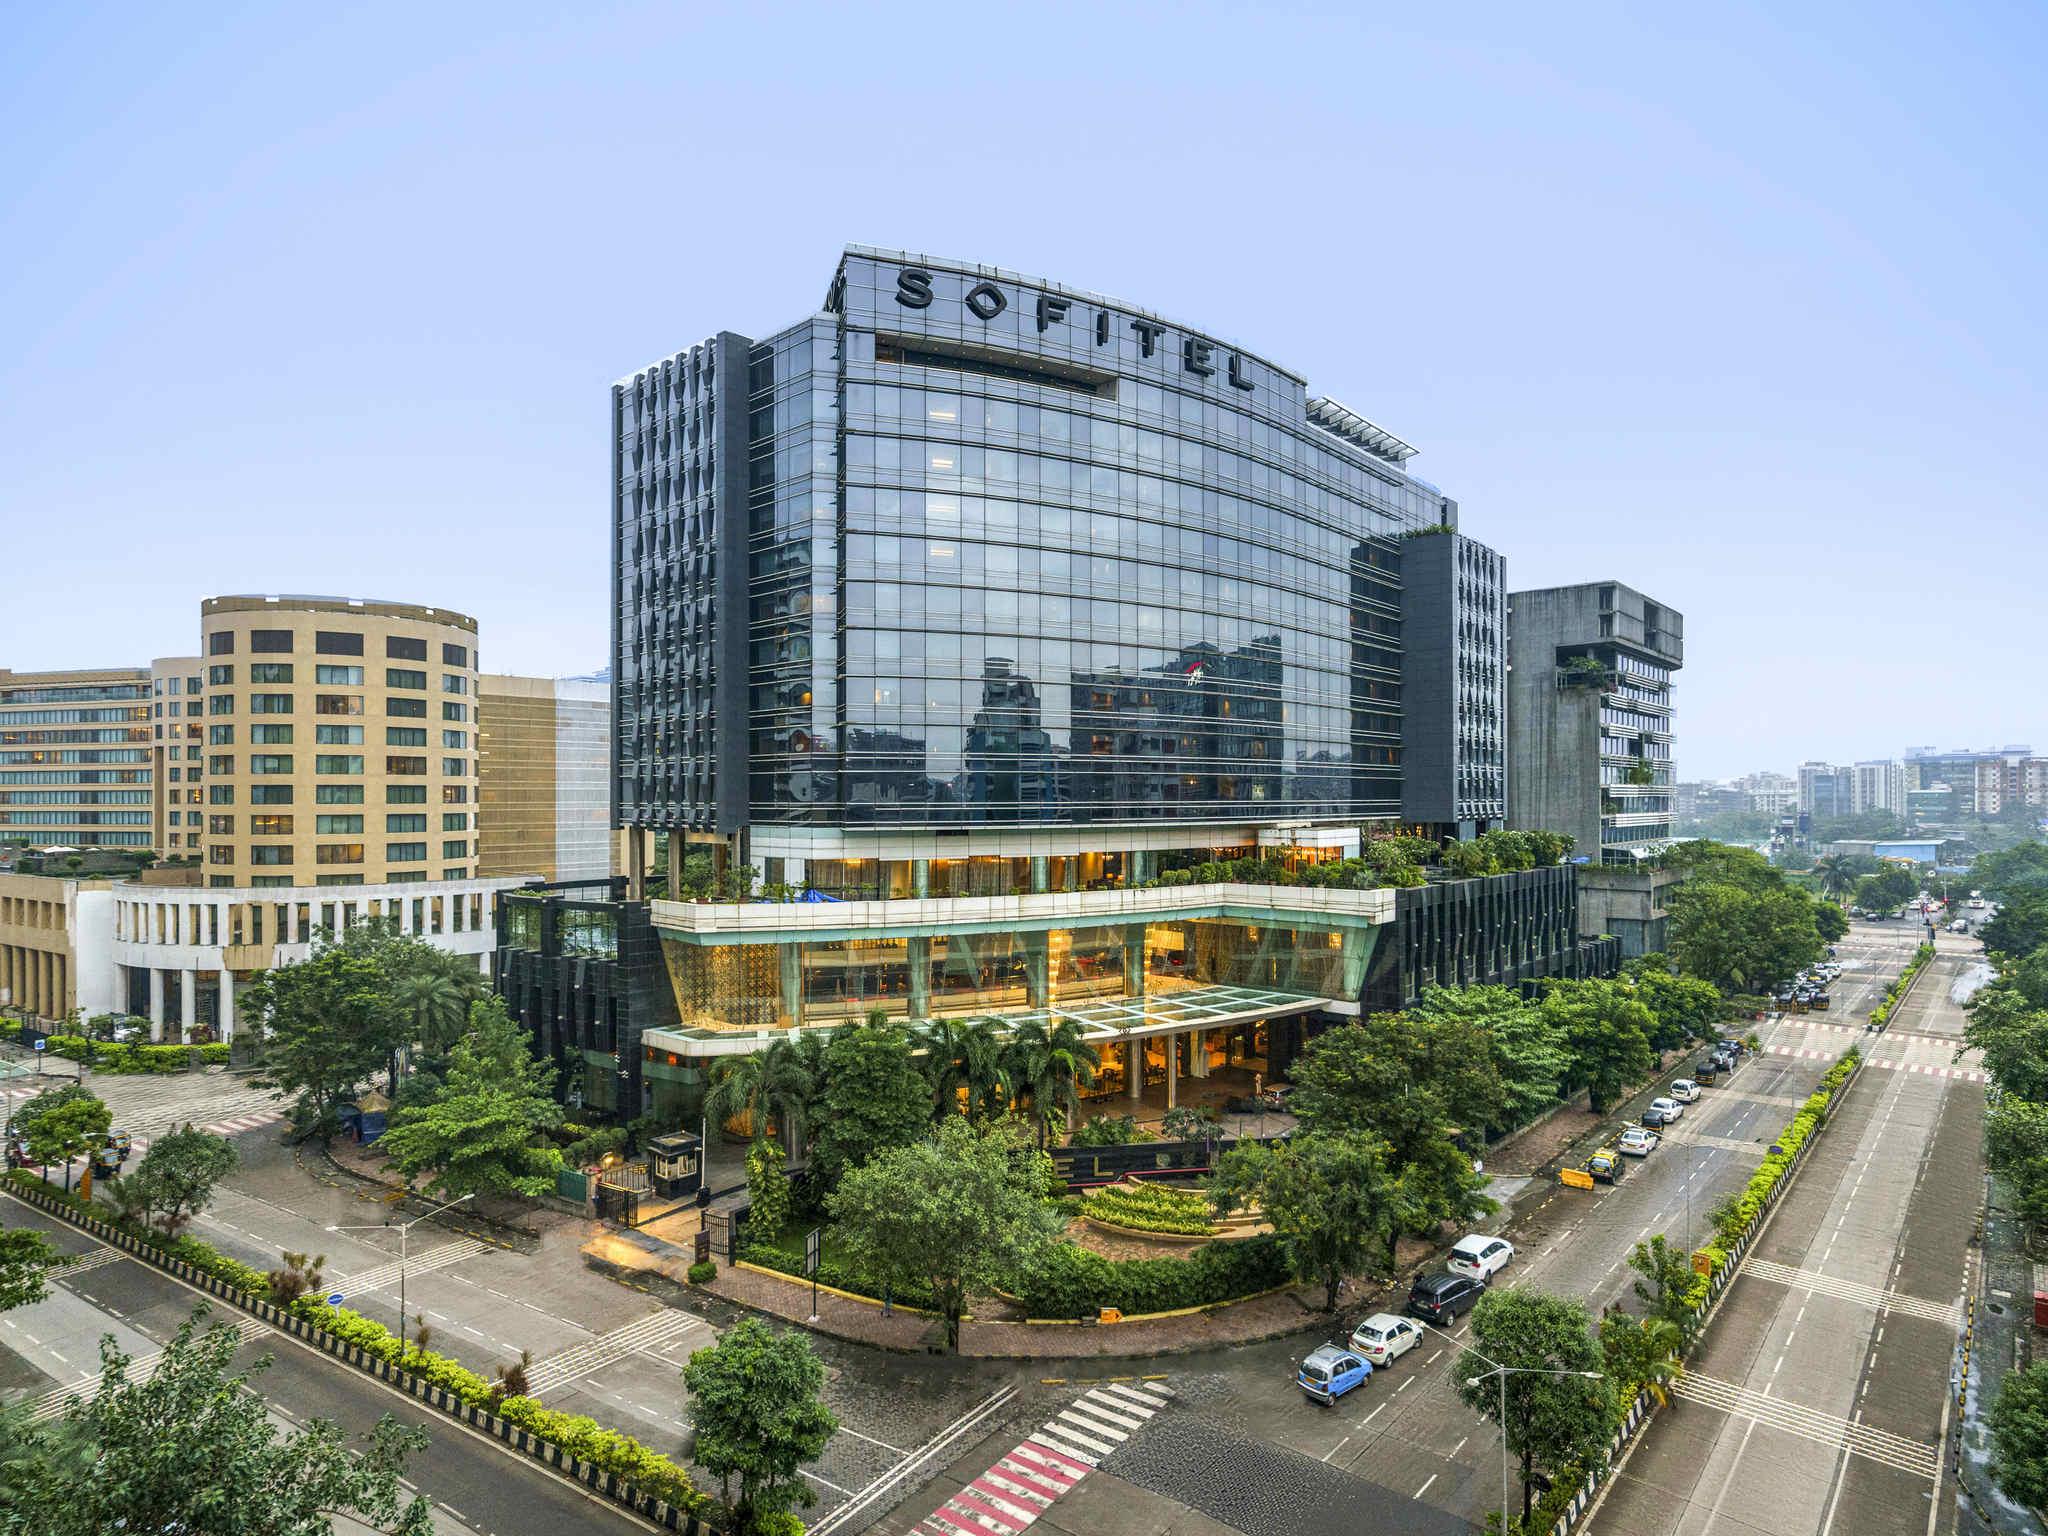 โรงแรม – Sofitel Mumbai BKC